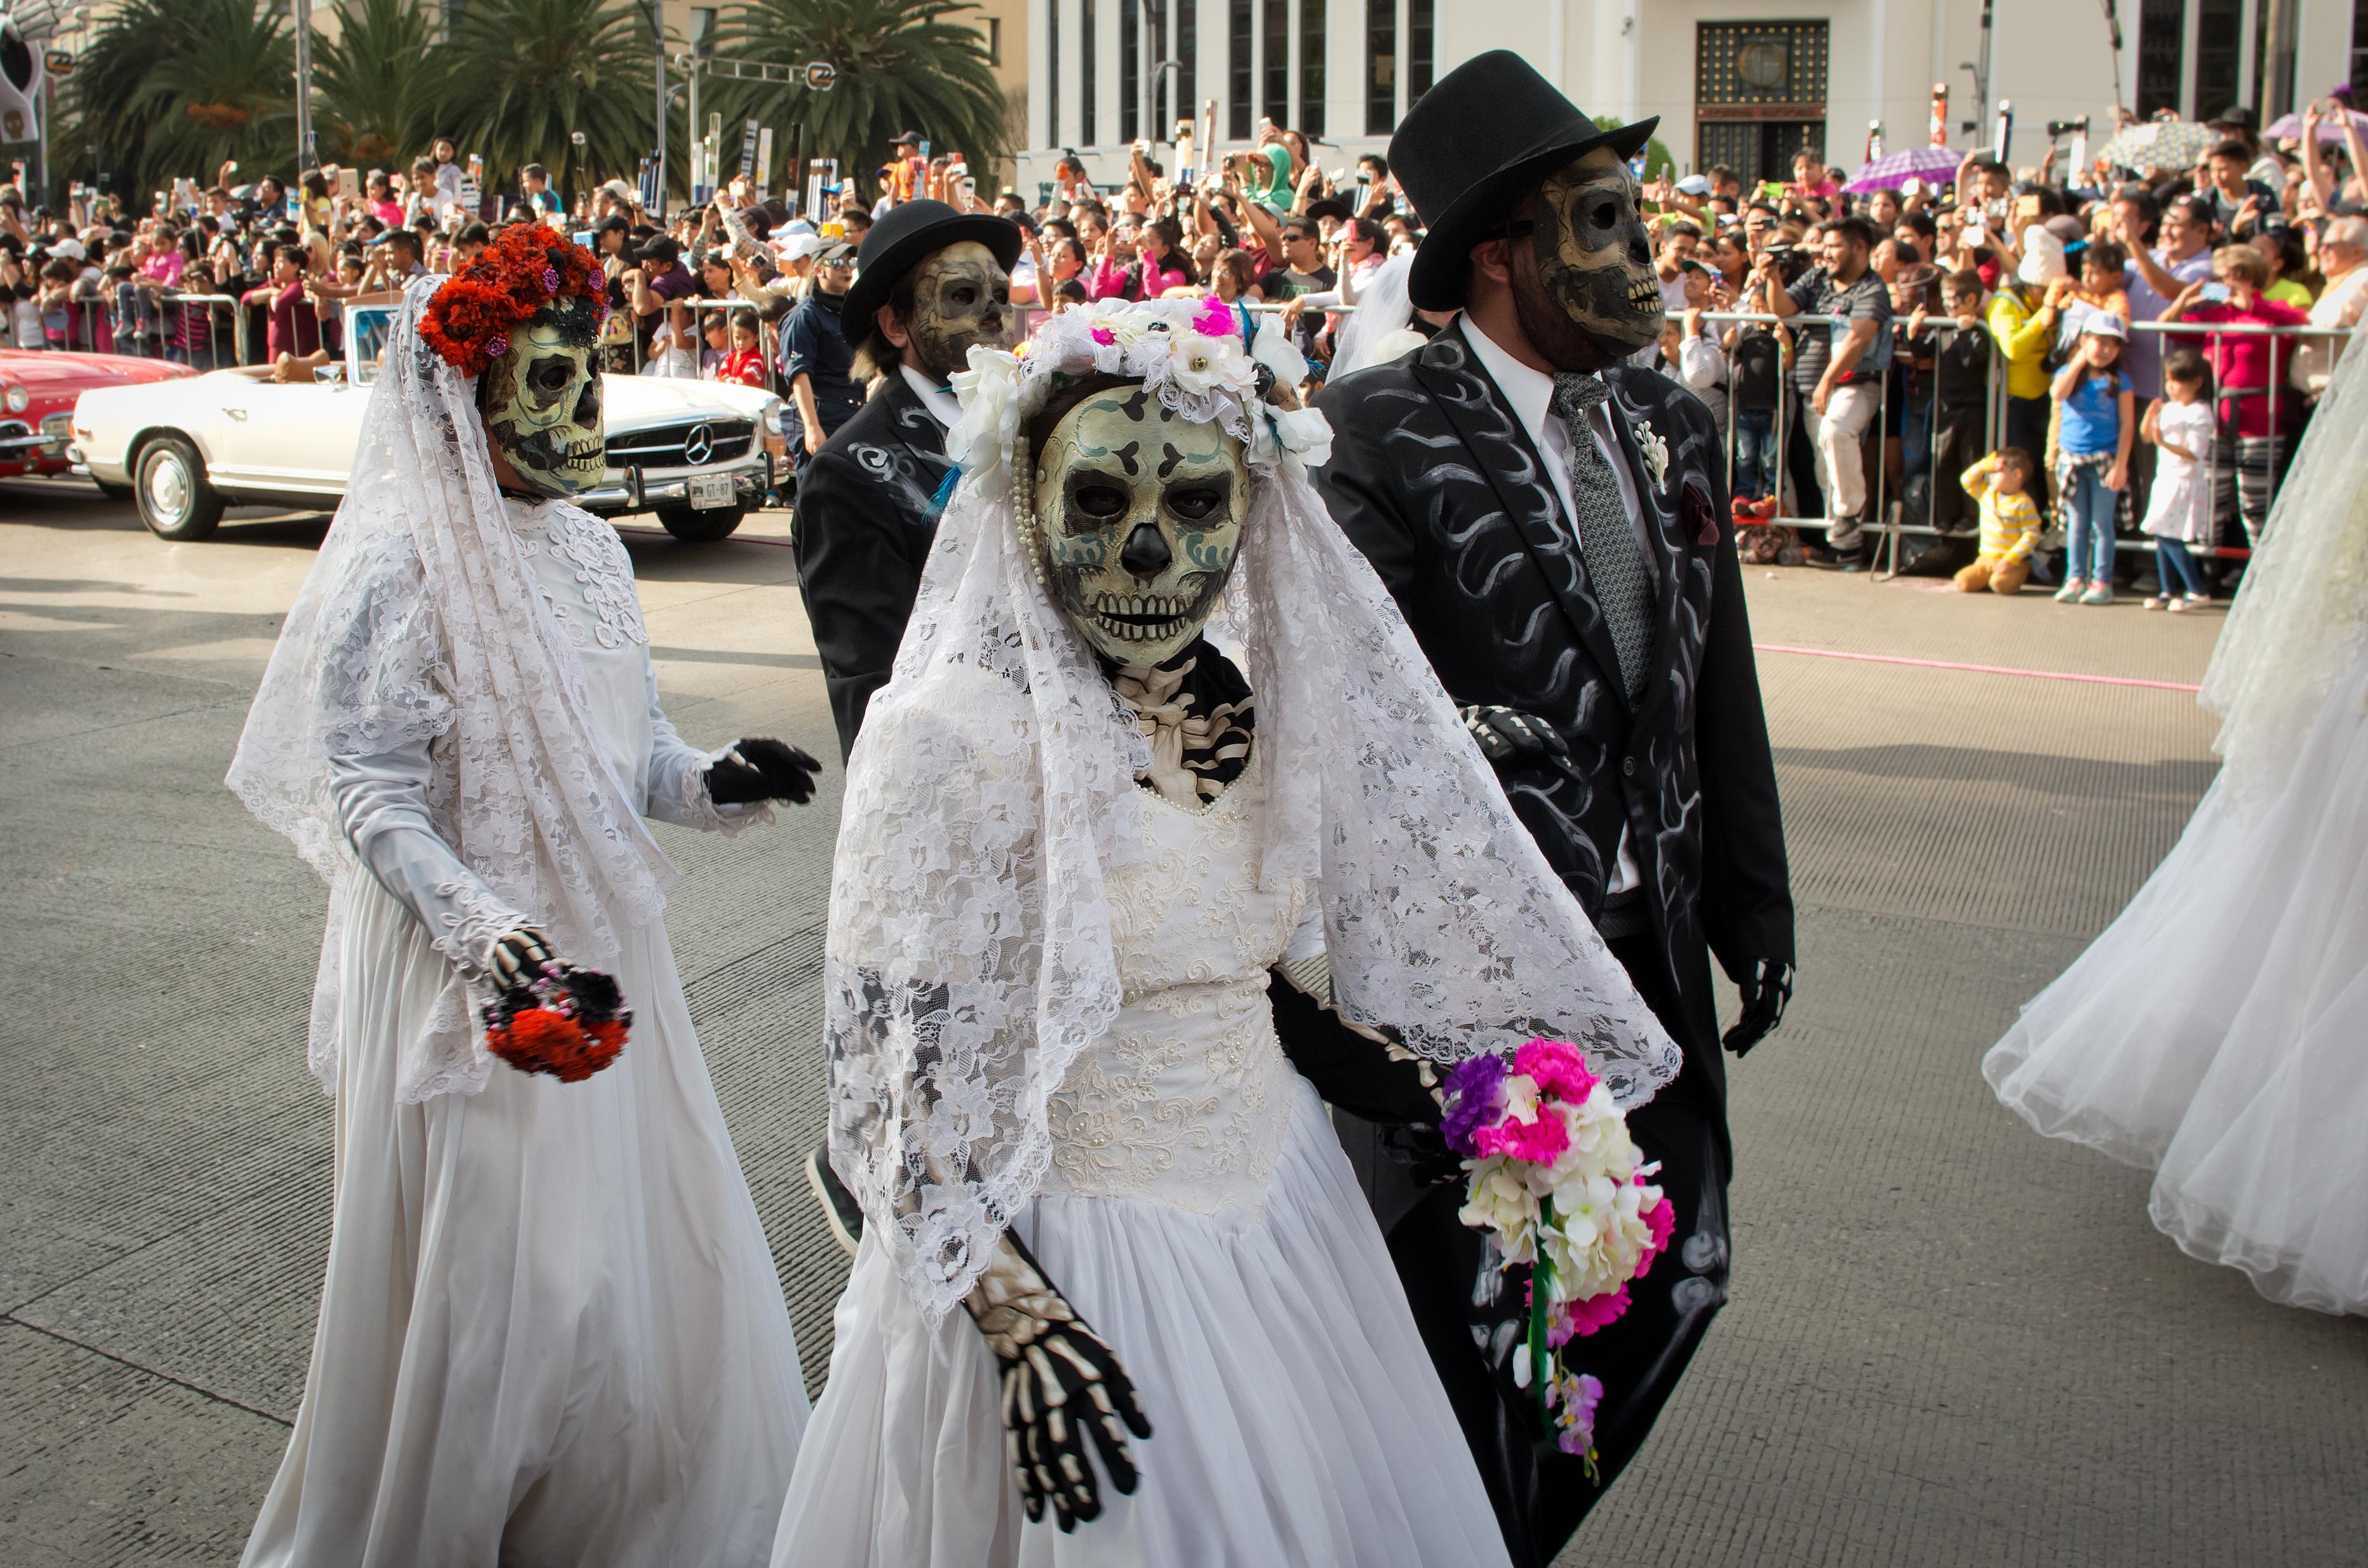 Dia de los Muertos parade in Mexico City